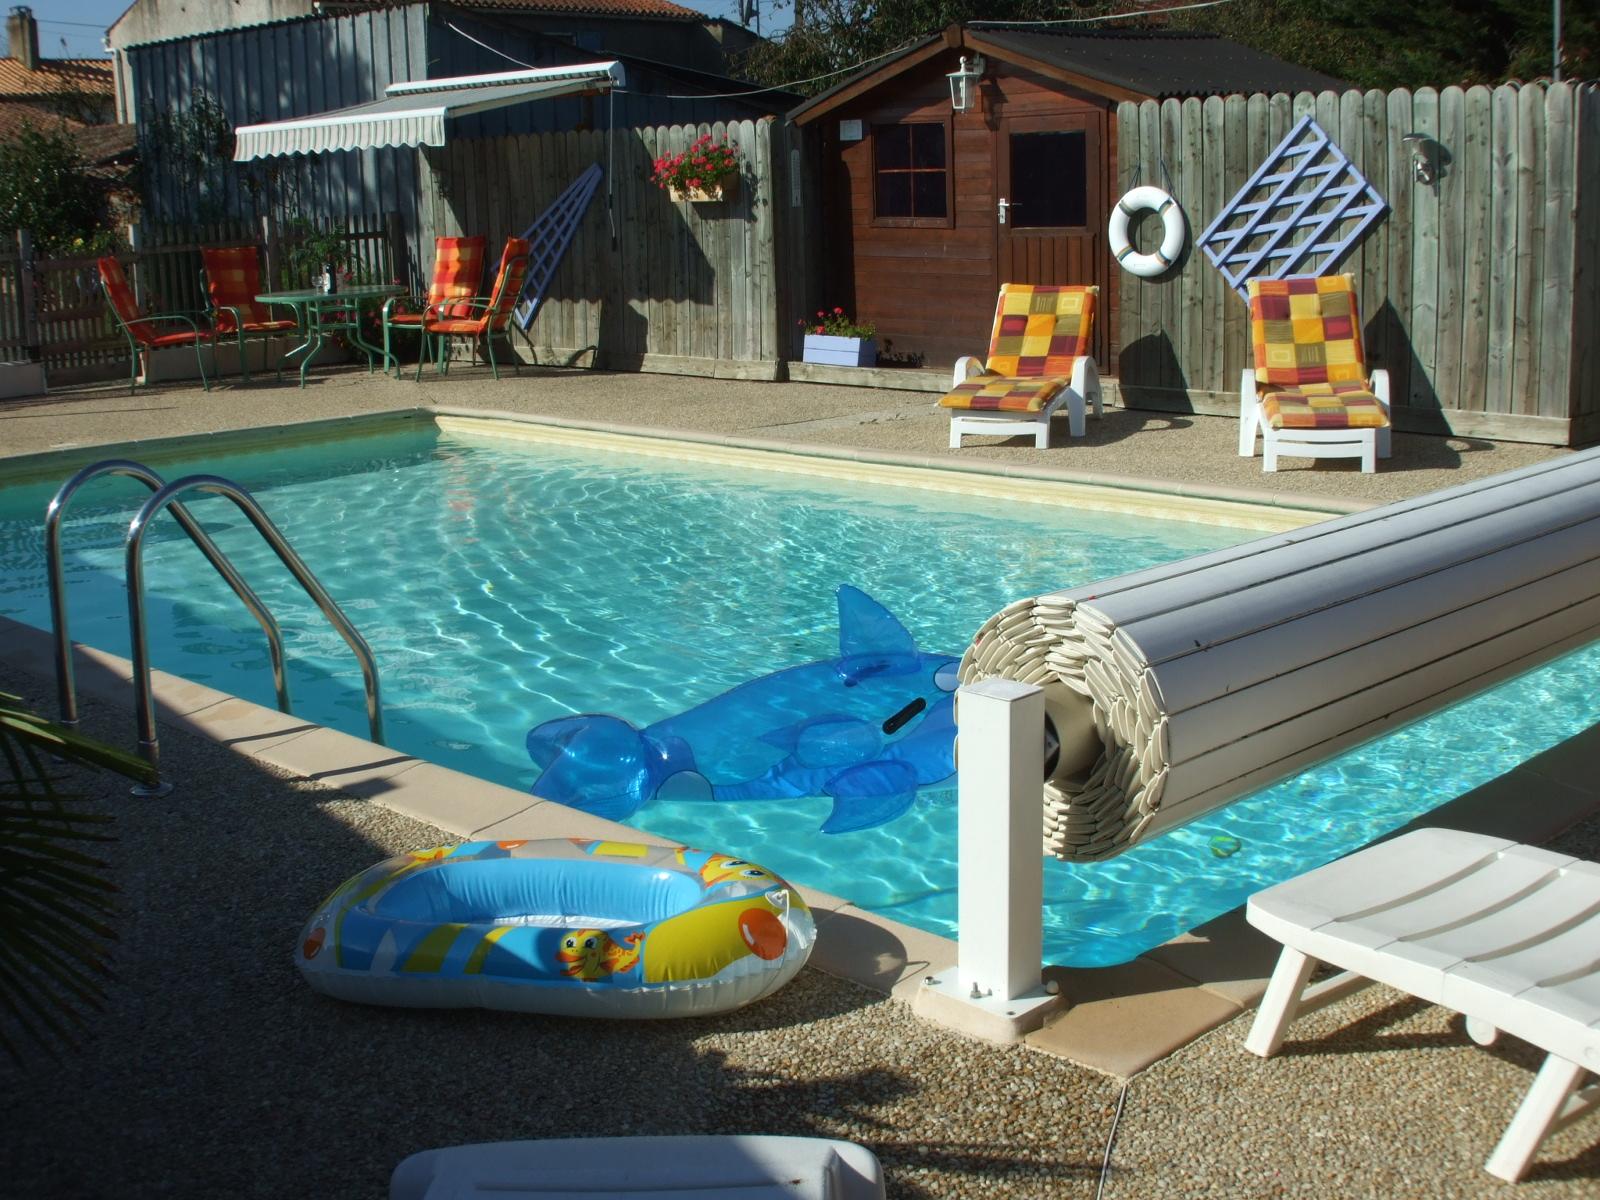 GITE DE L'ANDOUSSIERE 9 PERS.-piscine-privee-chauffee